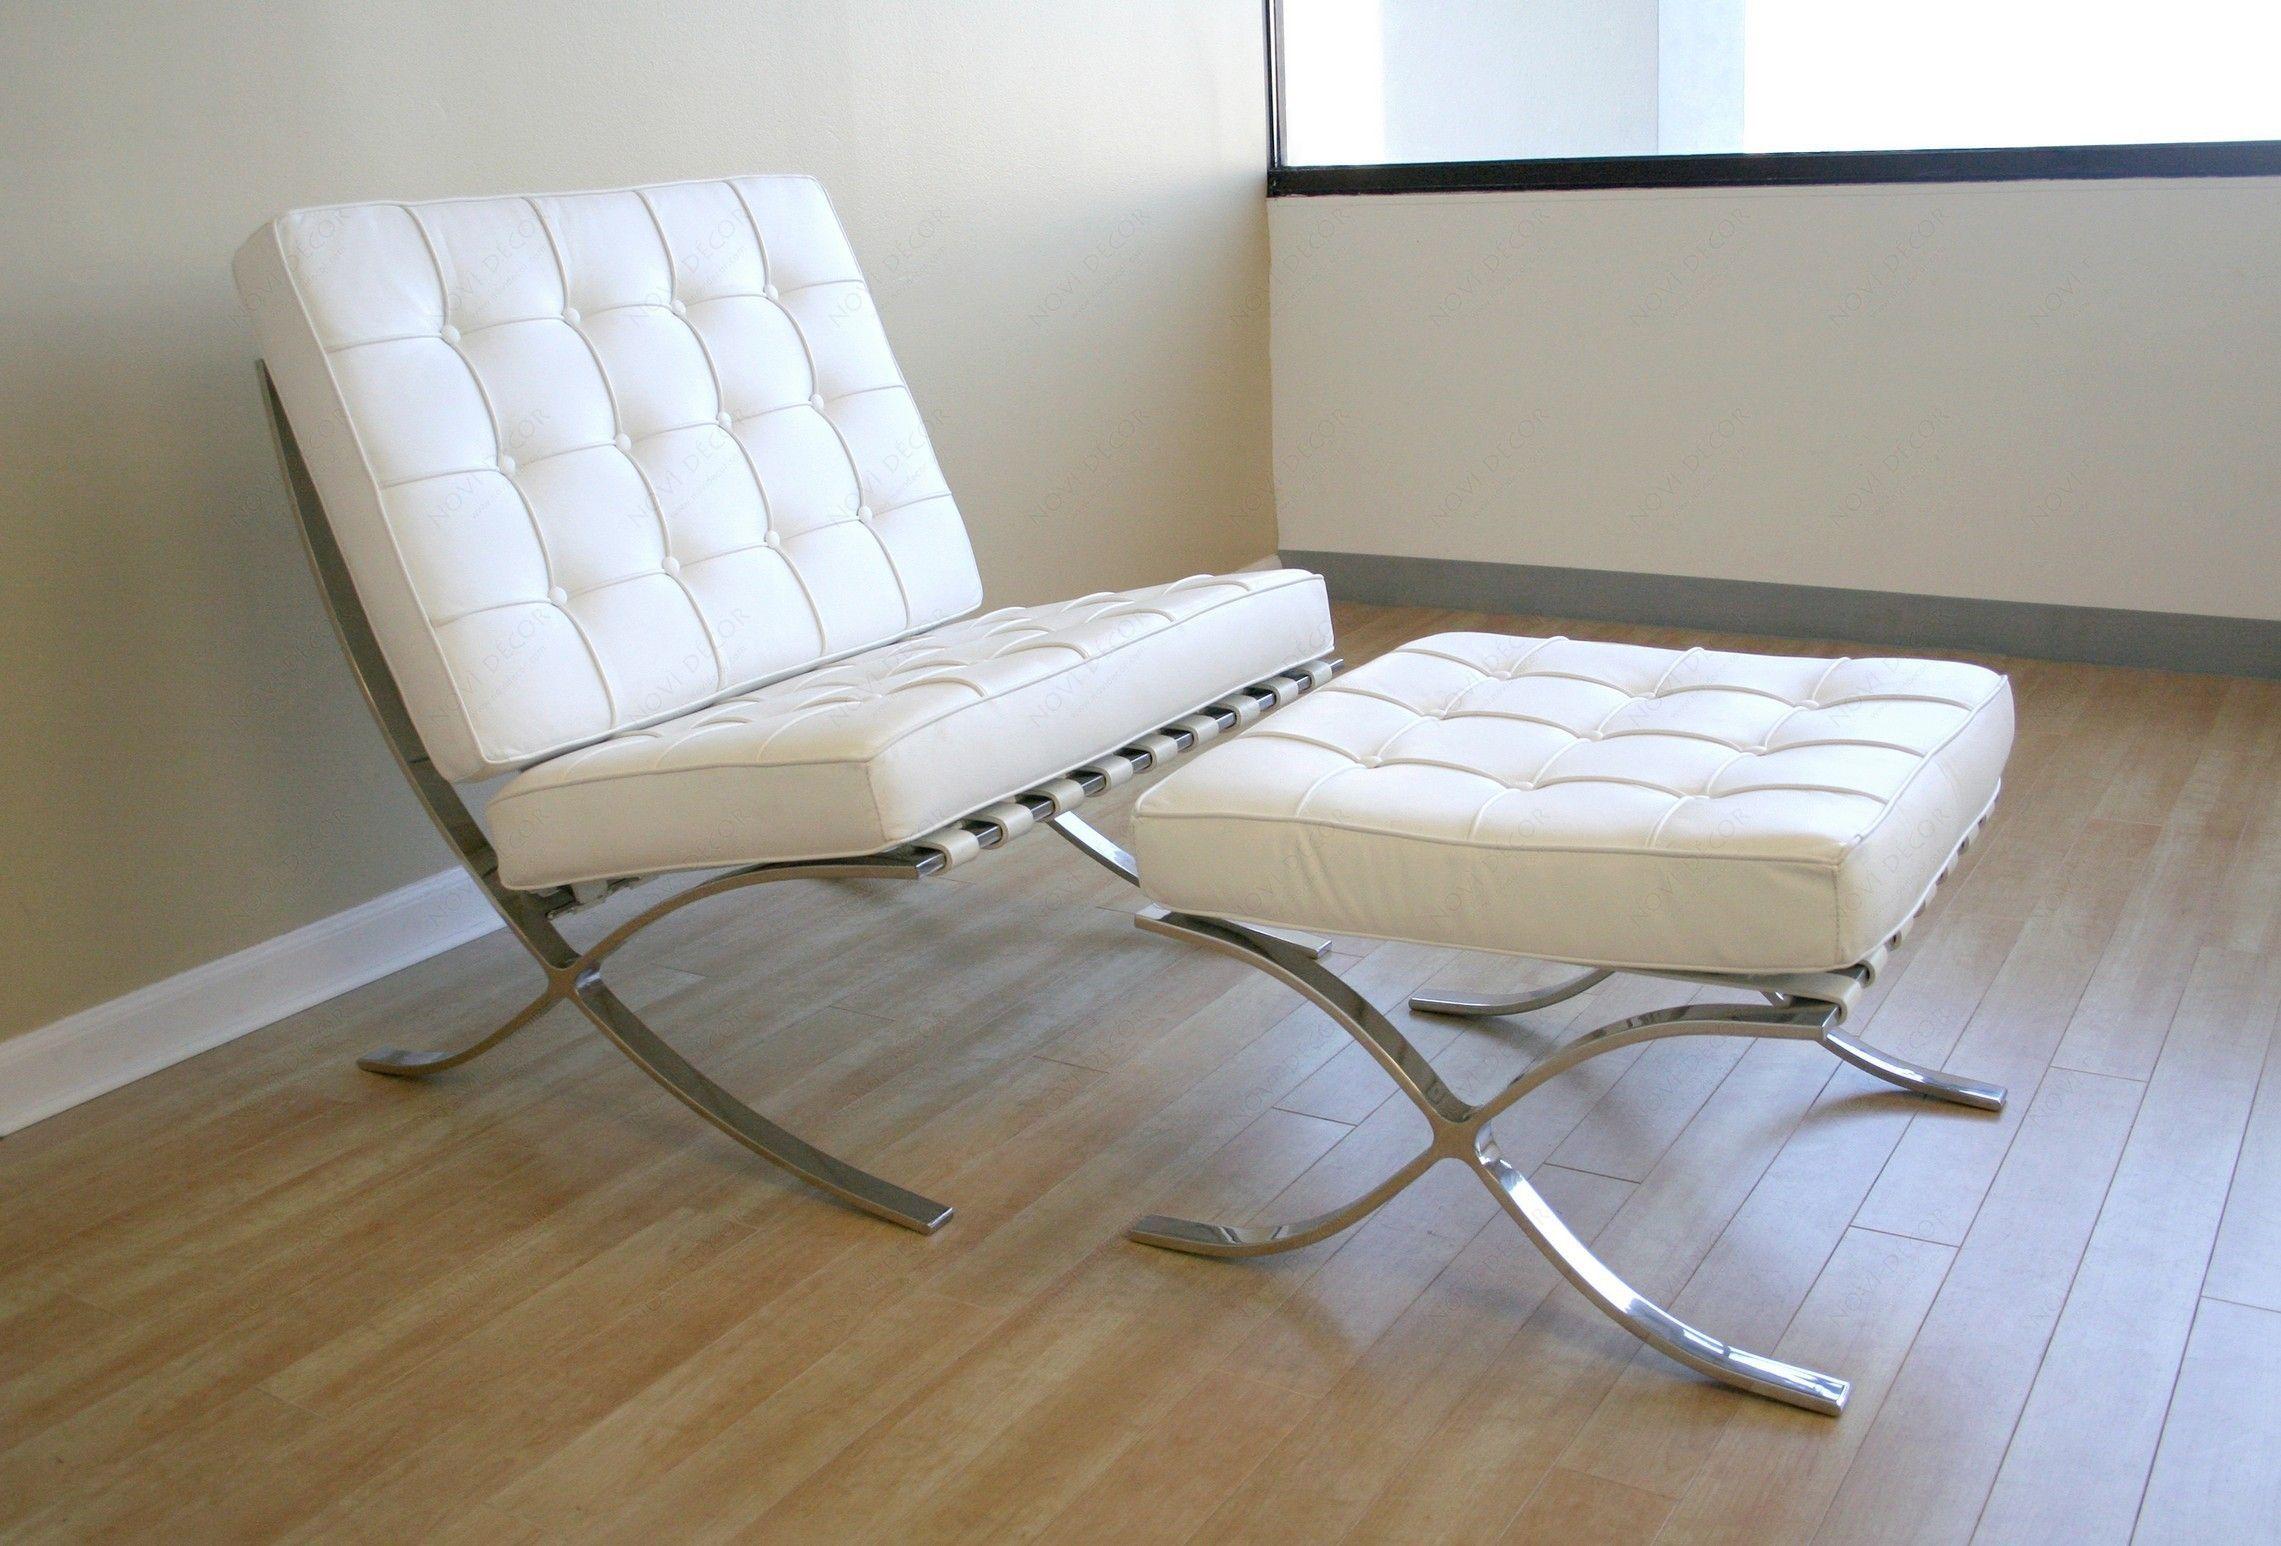 barcelona replica cream chair semi black style brown leather aniline